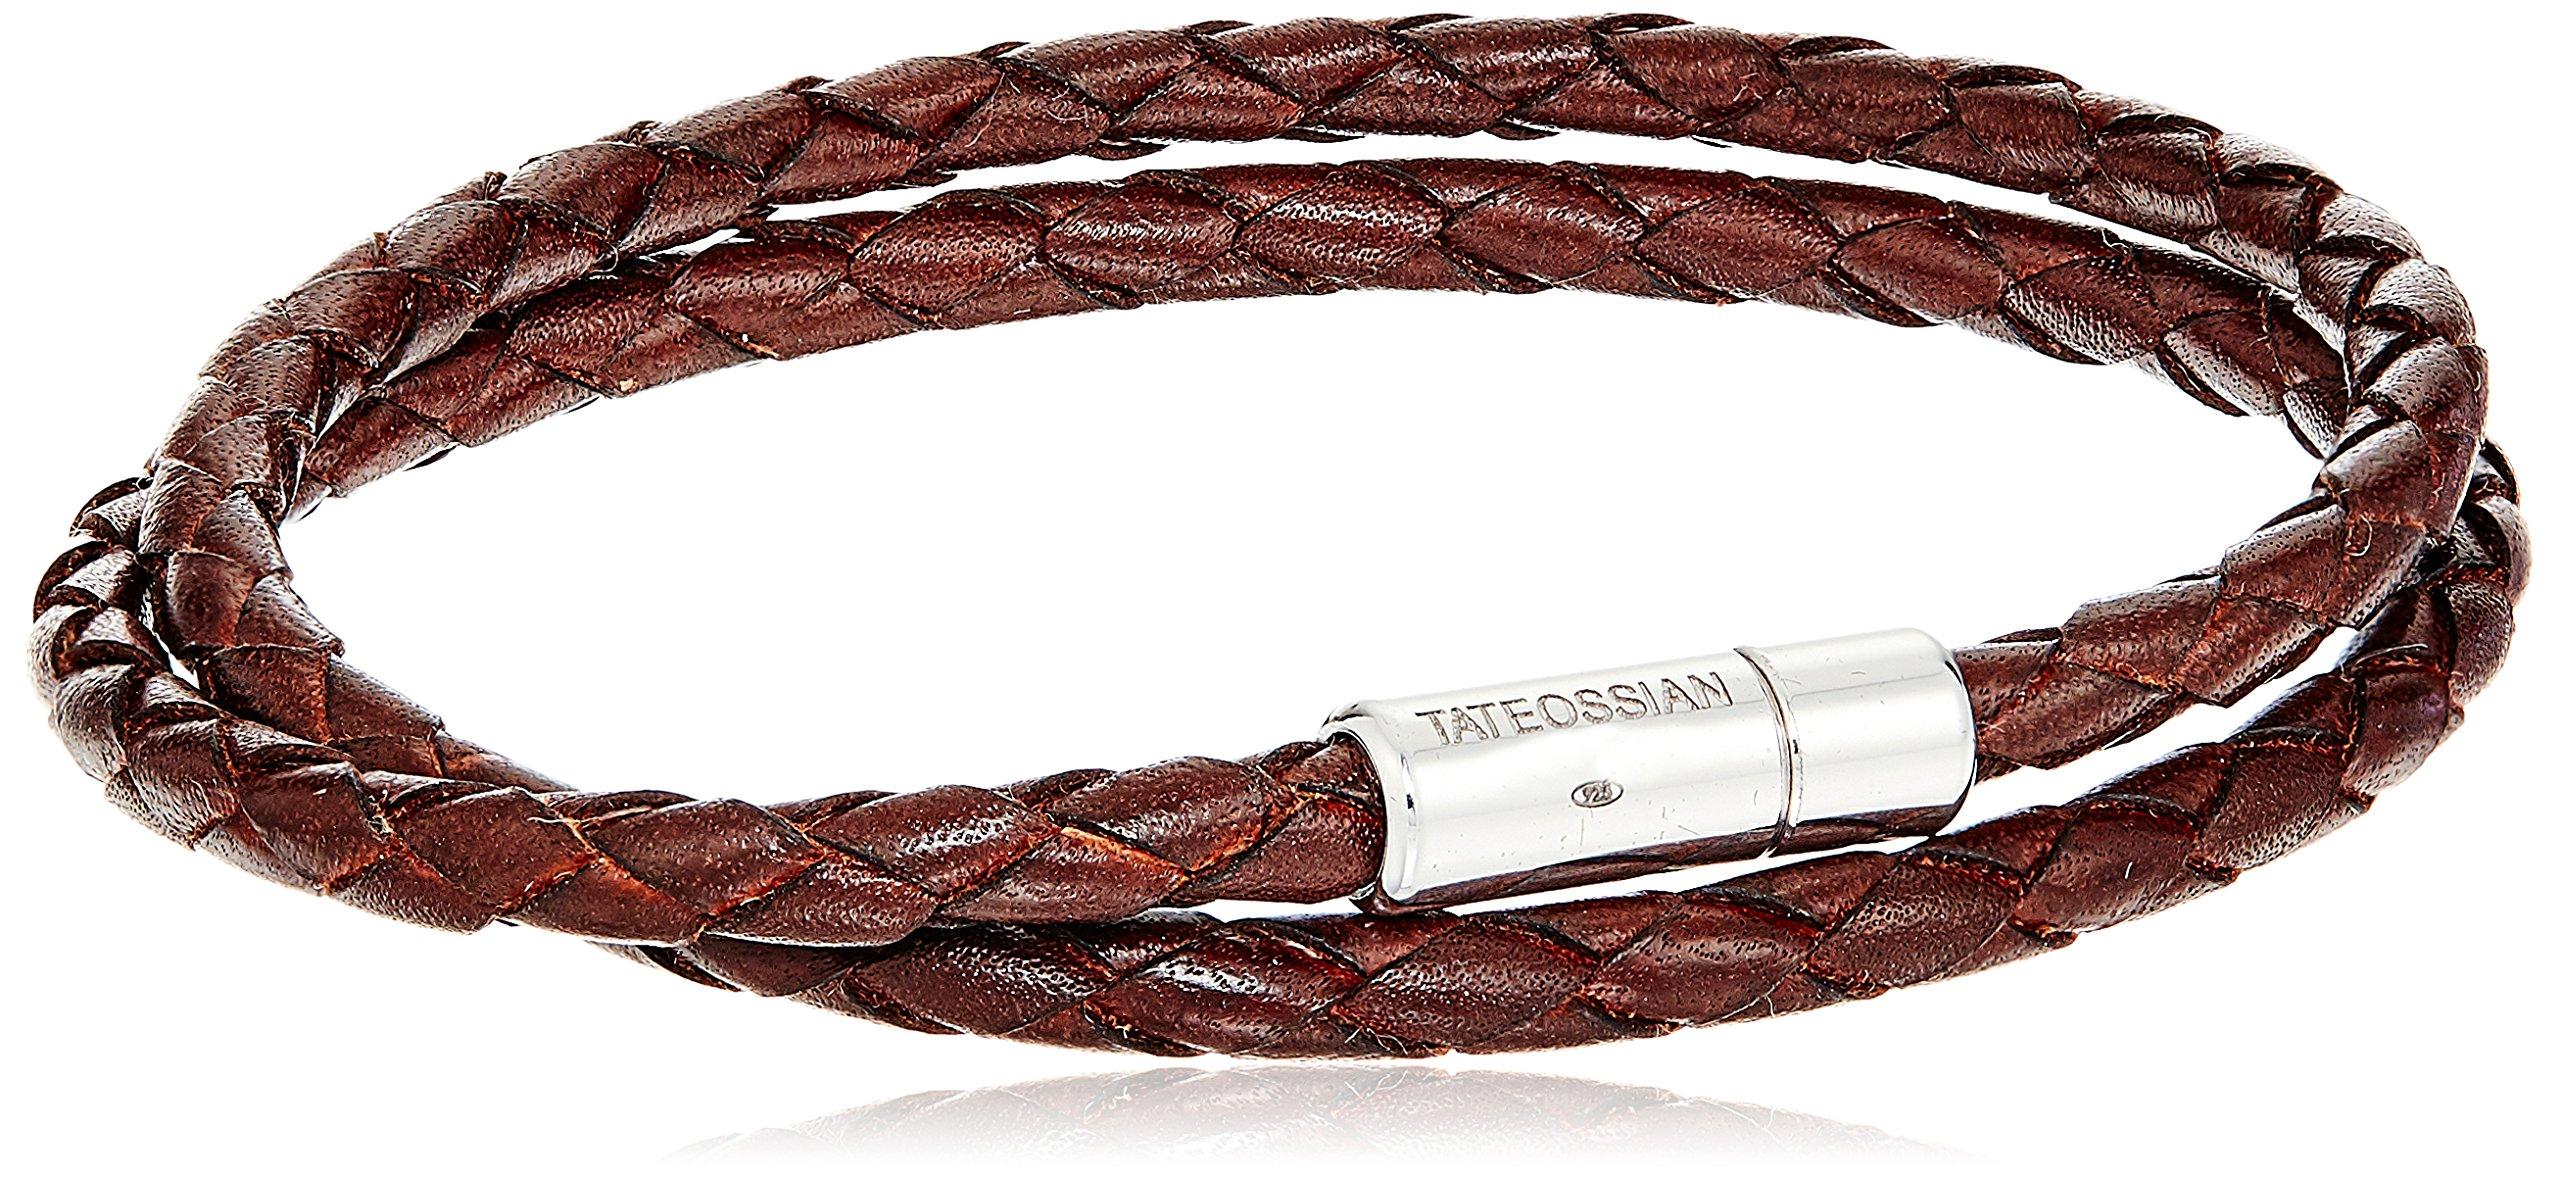 Tateossian Silver Tobacco Scoubidou Double L 41cm Bracelet